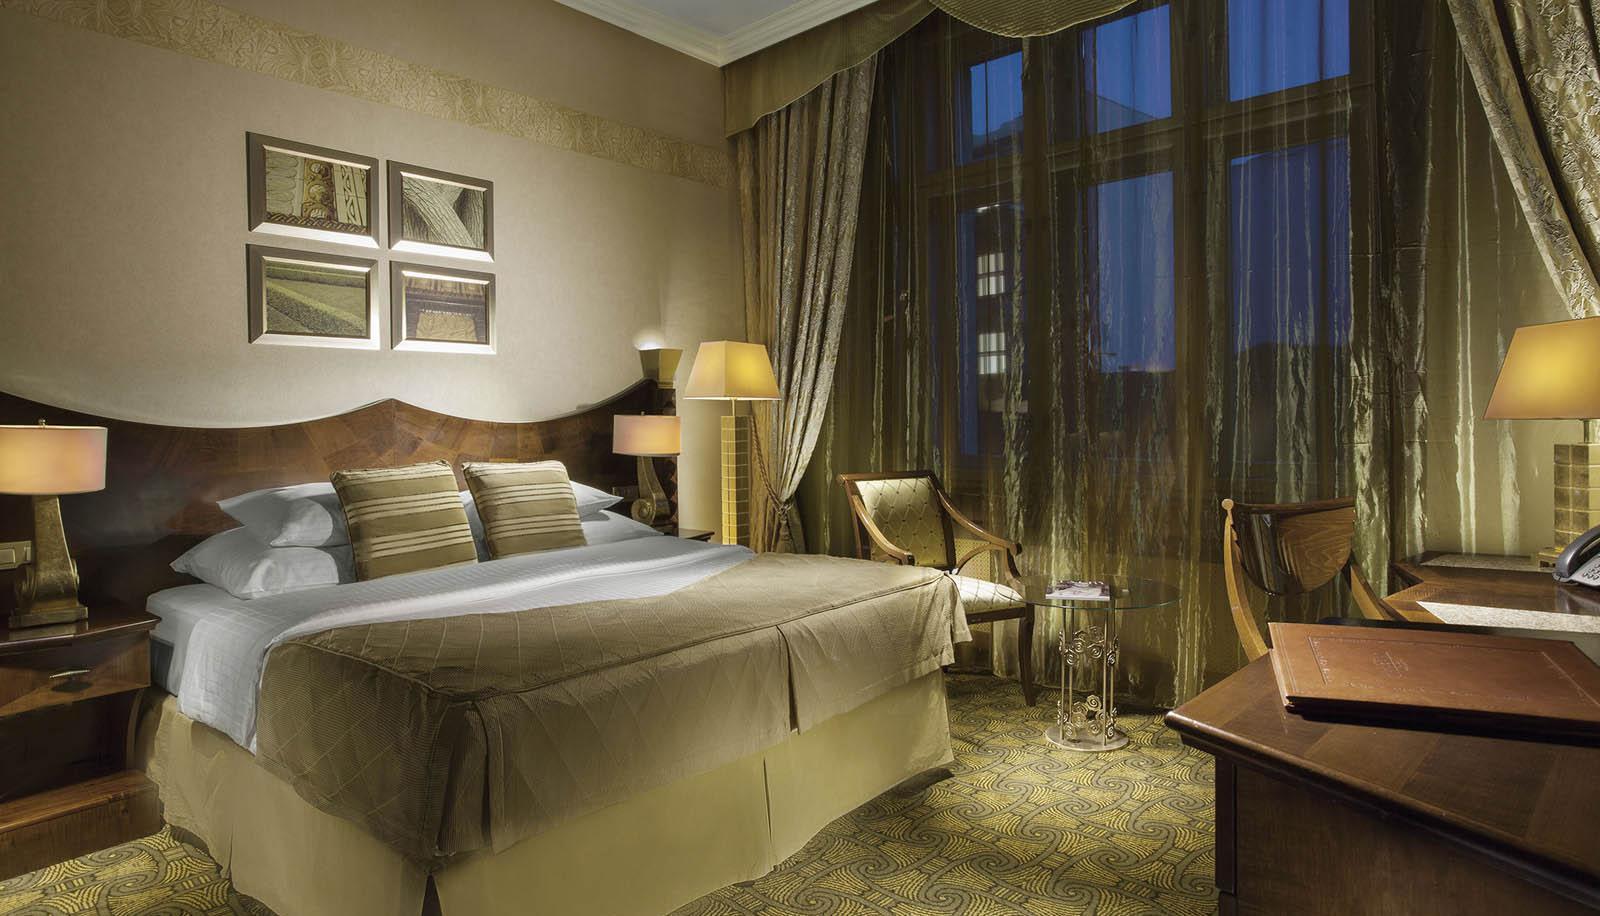 Дизайн спальни 18 кв м в стиле ар деко